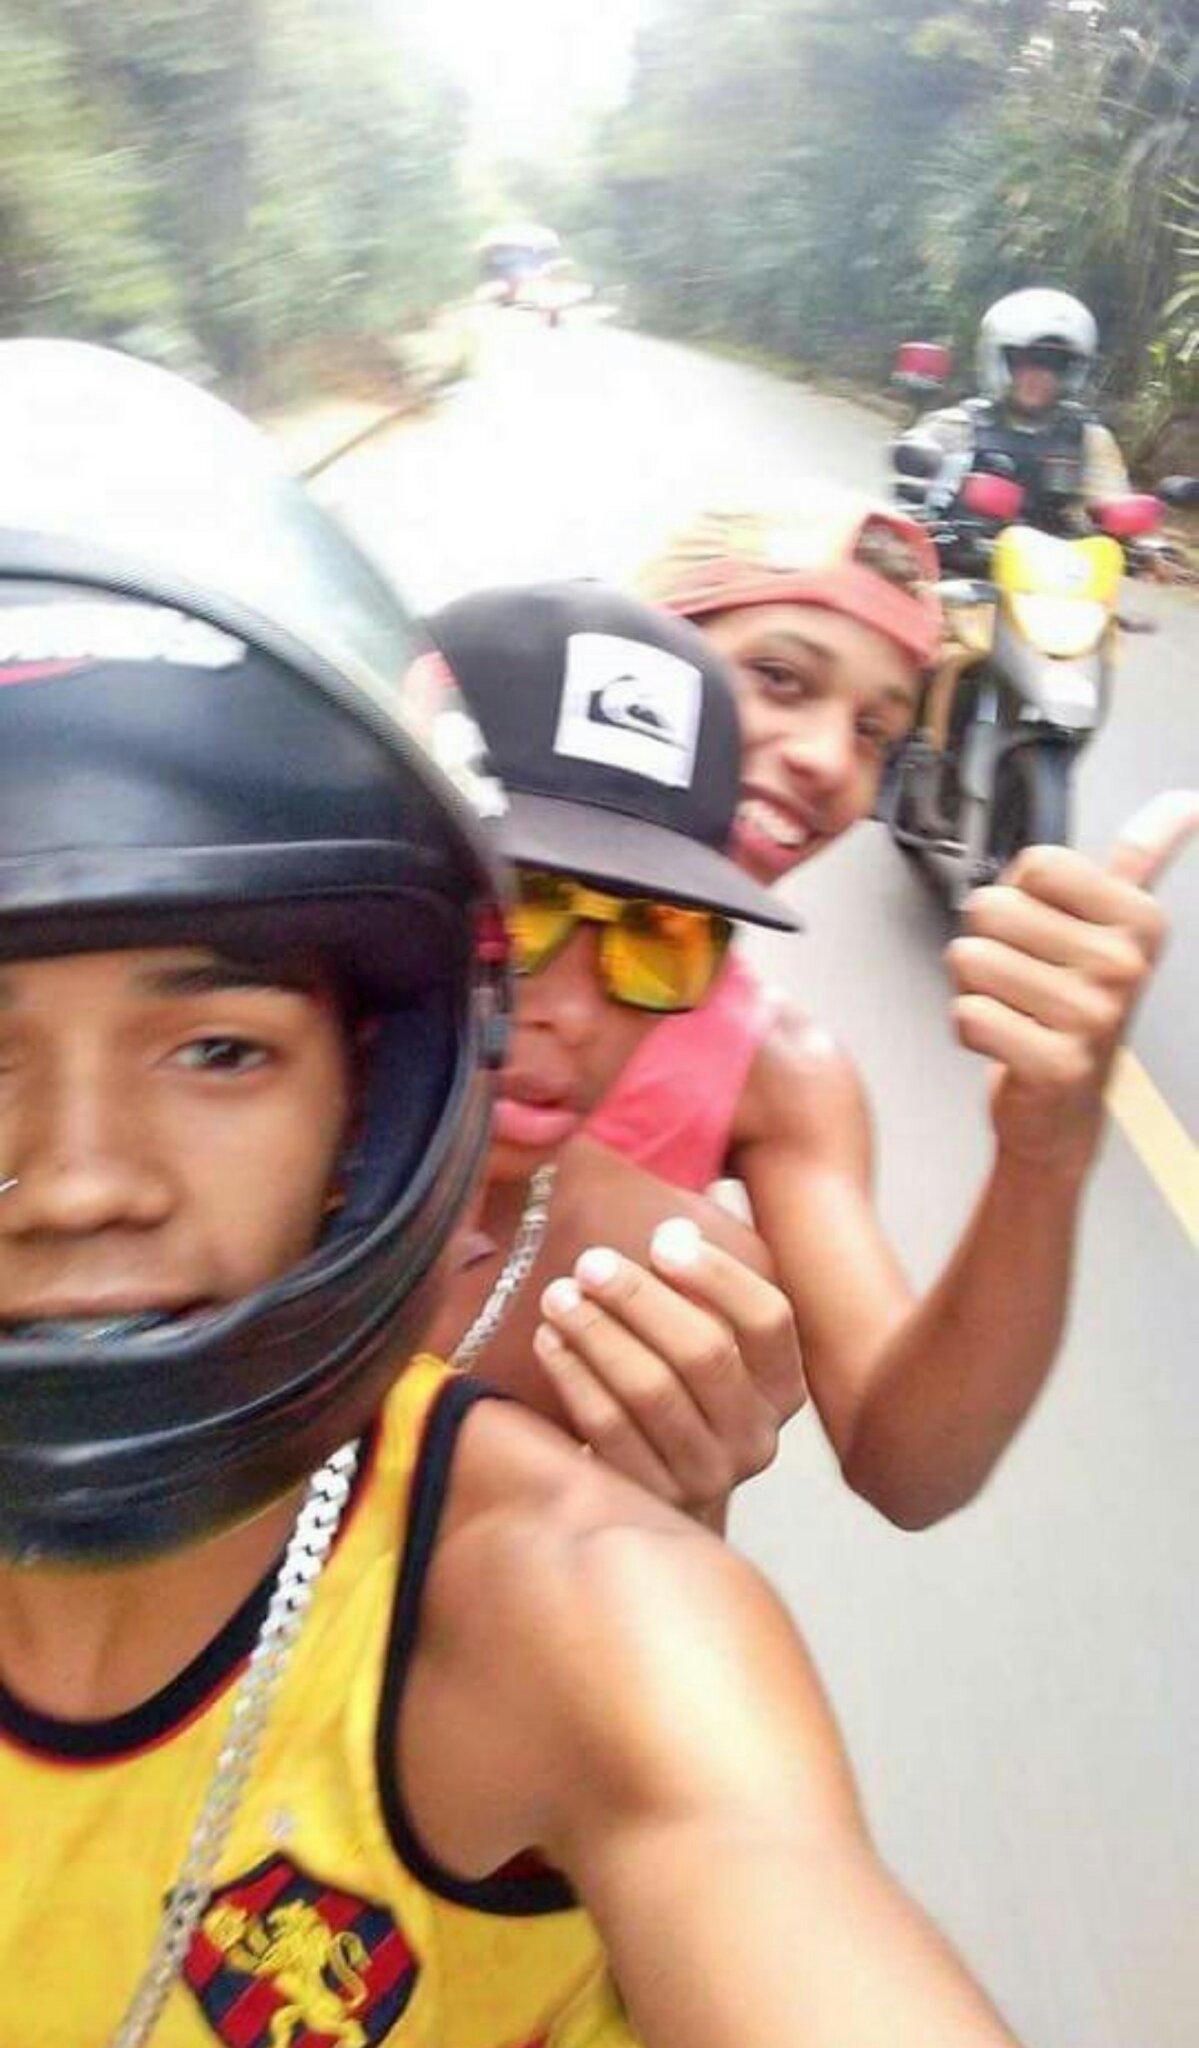 Última Selfie com a moto... - meme